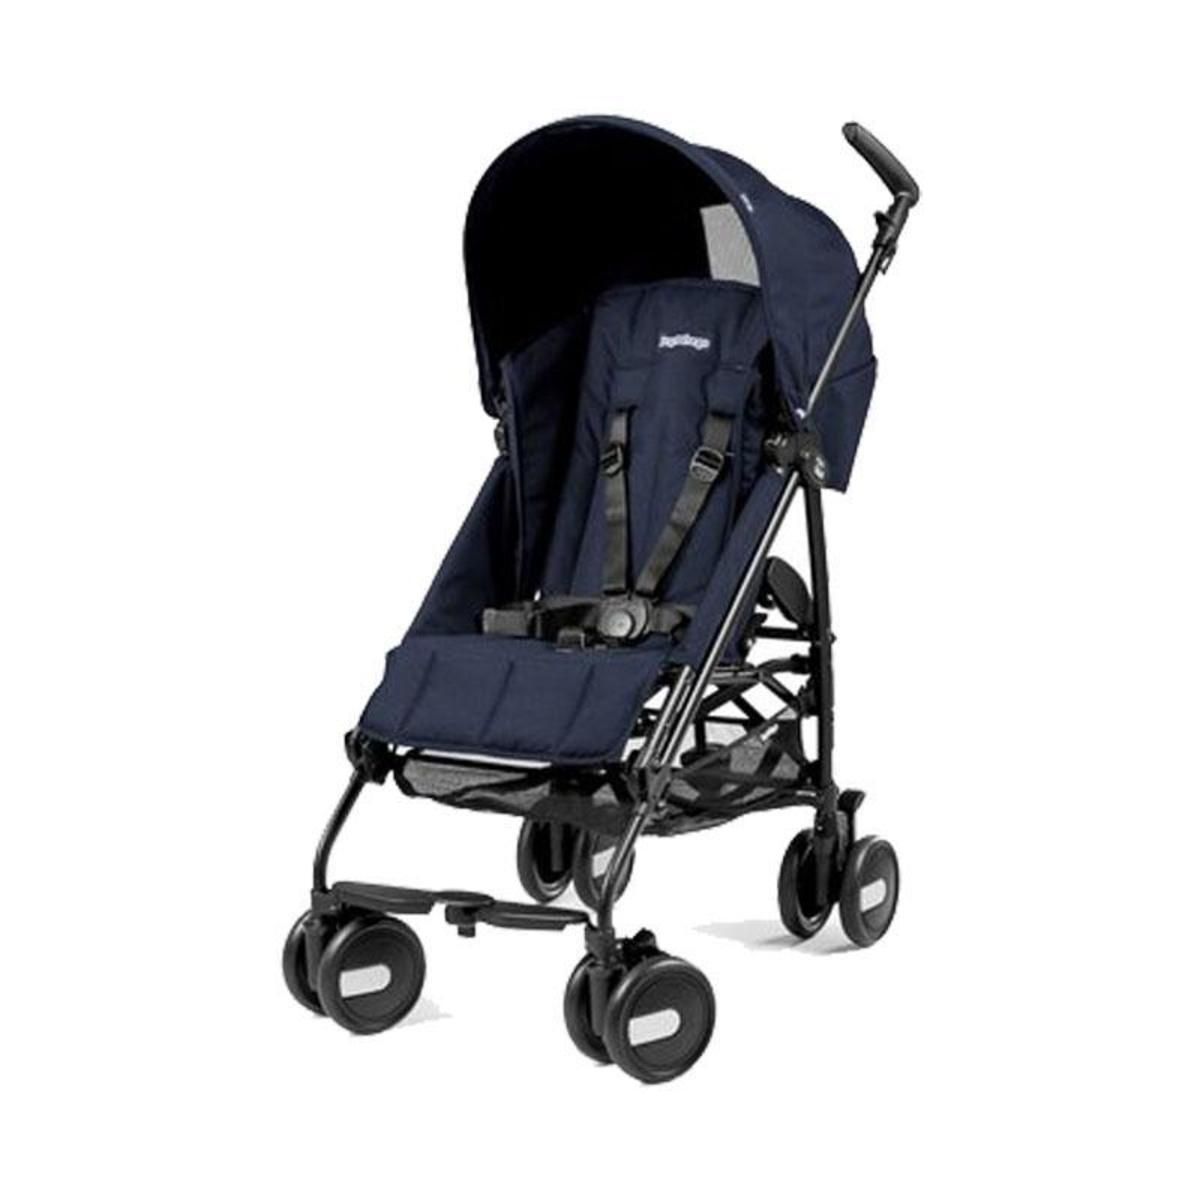 Peg-Pérego Pliko Mini baby stroller (0-4 years old) (various models) - Straight grain dark blue